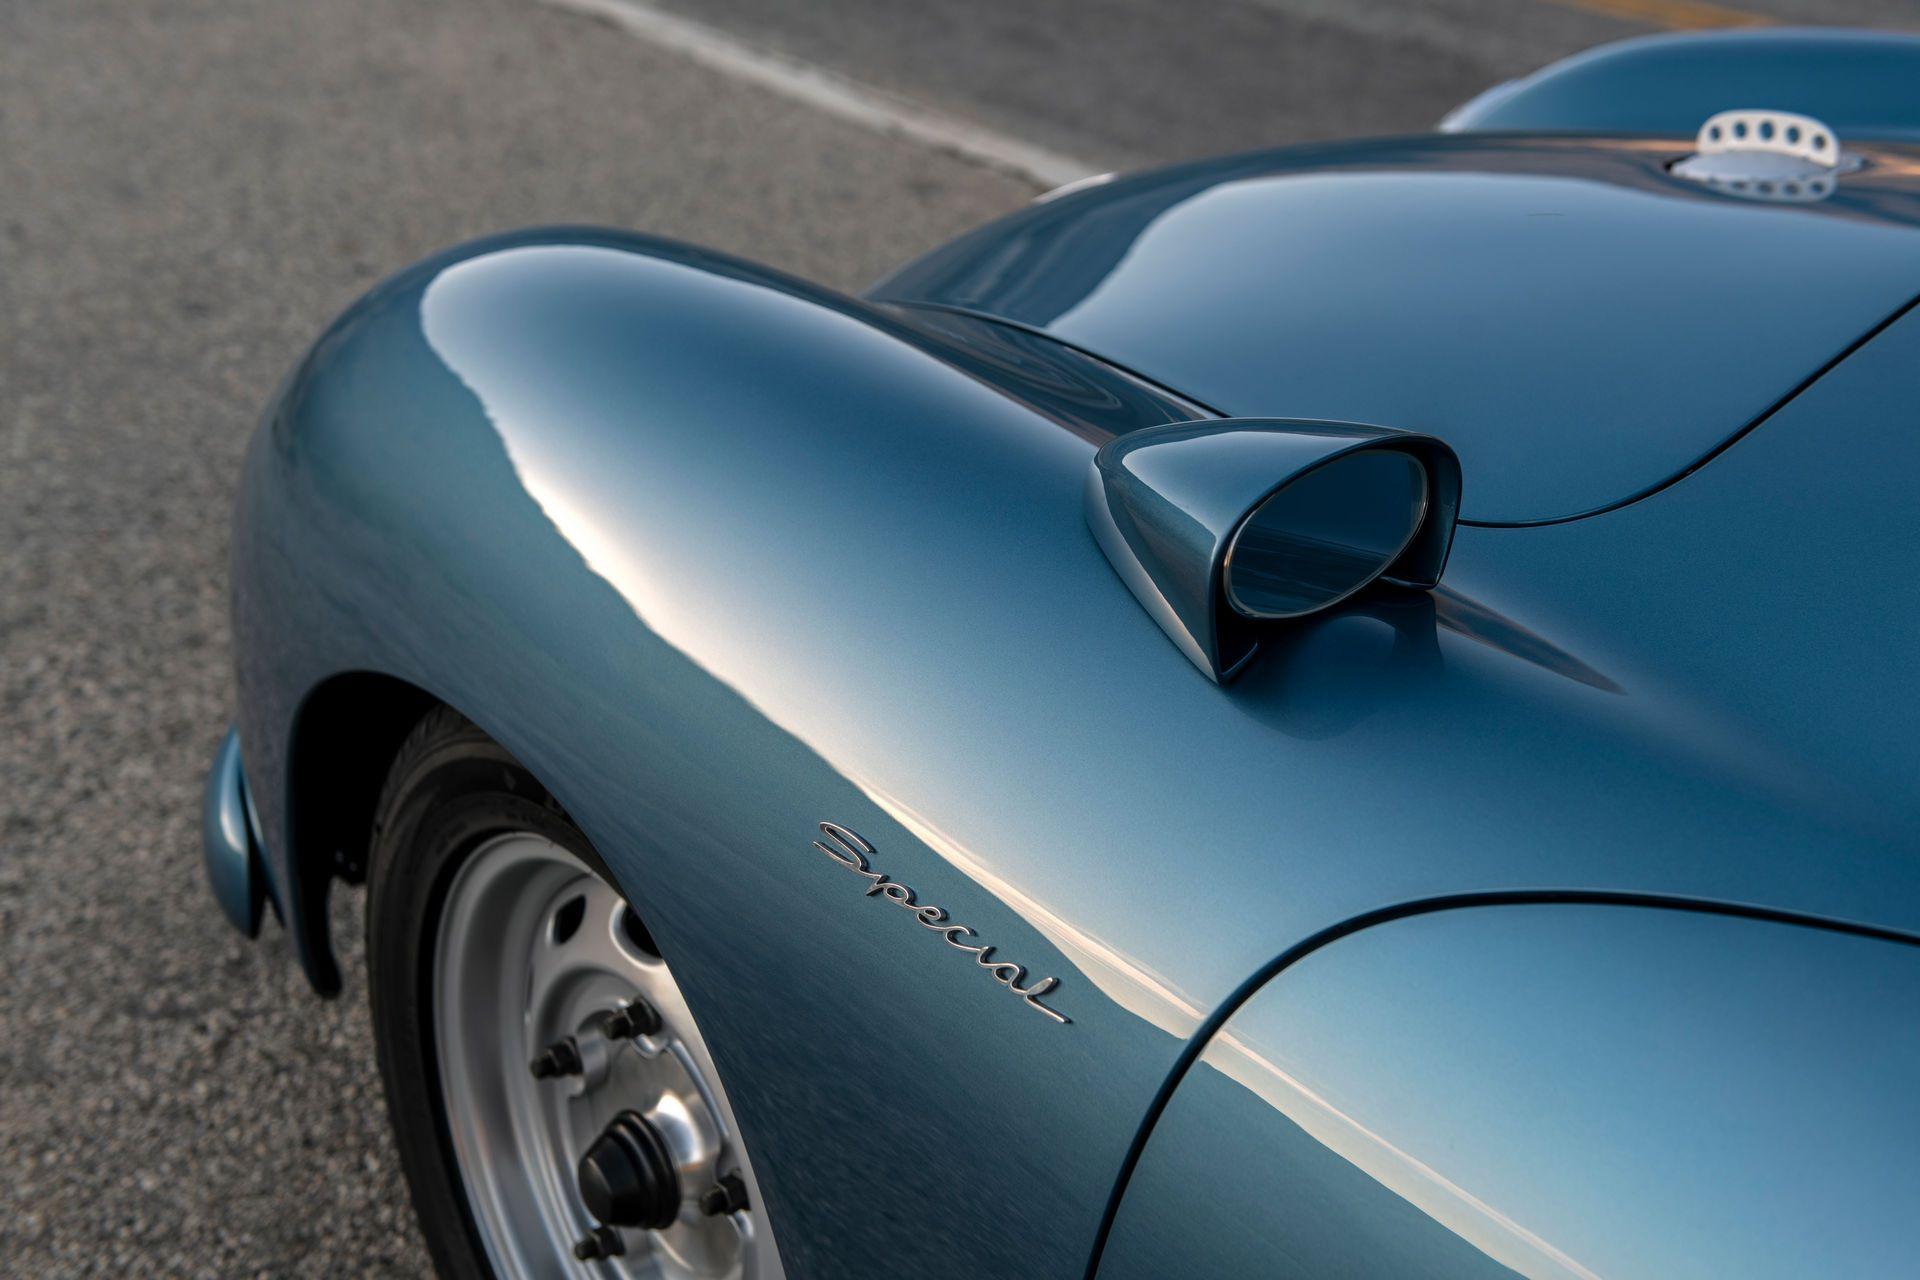 Porsche-356-A-Coupe-Restomod-Emory-Motorsports-3